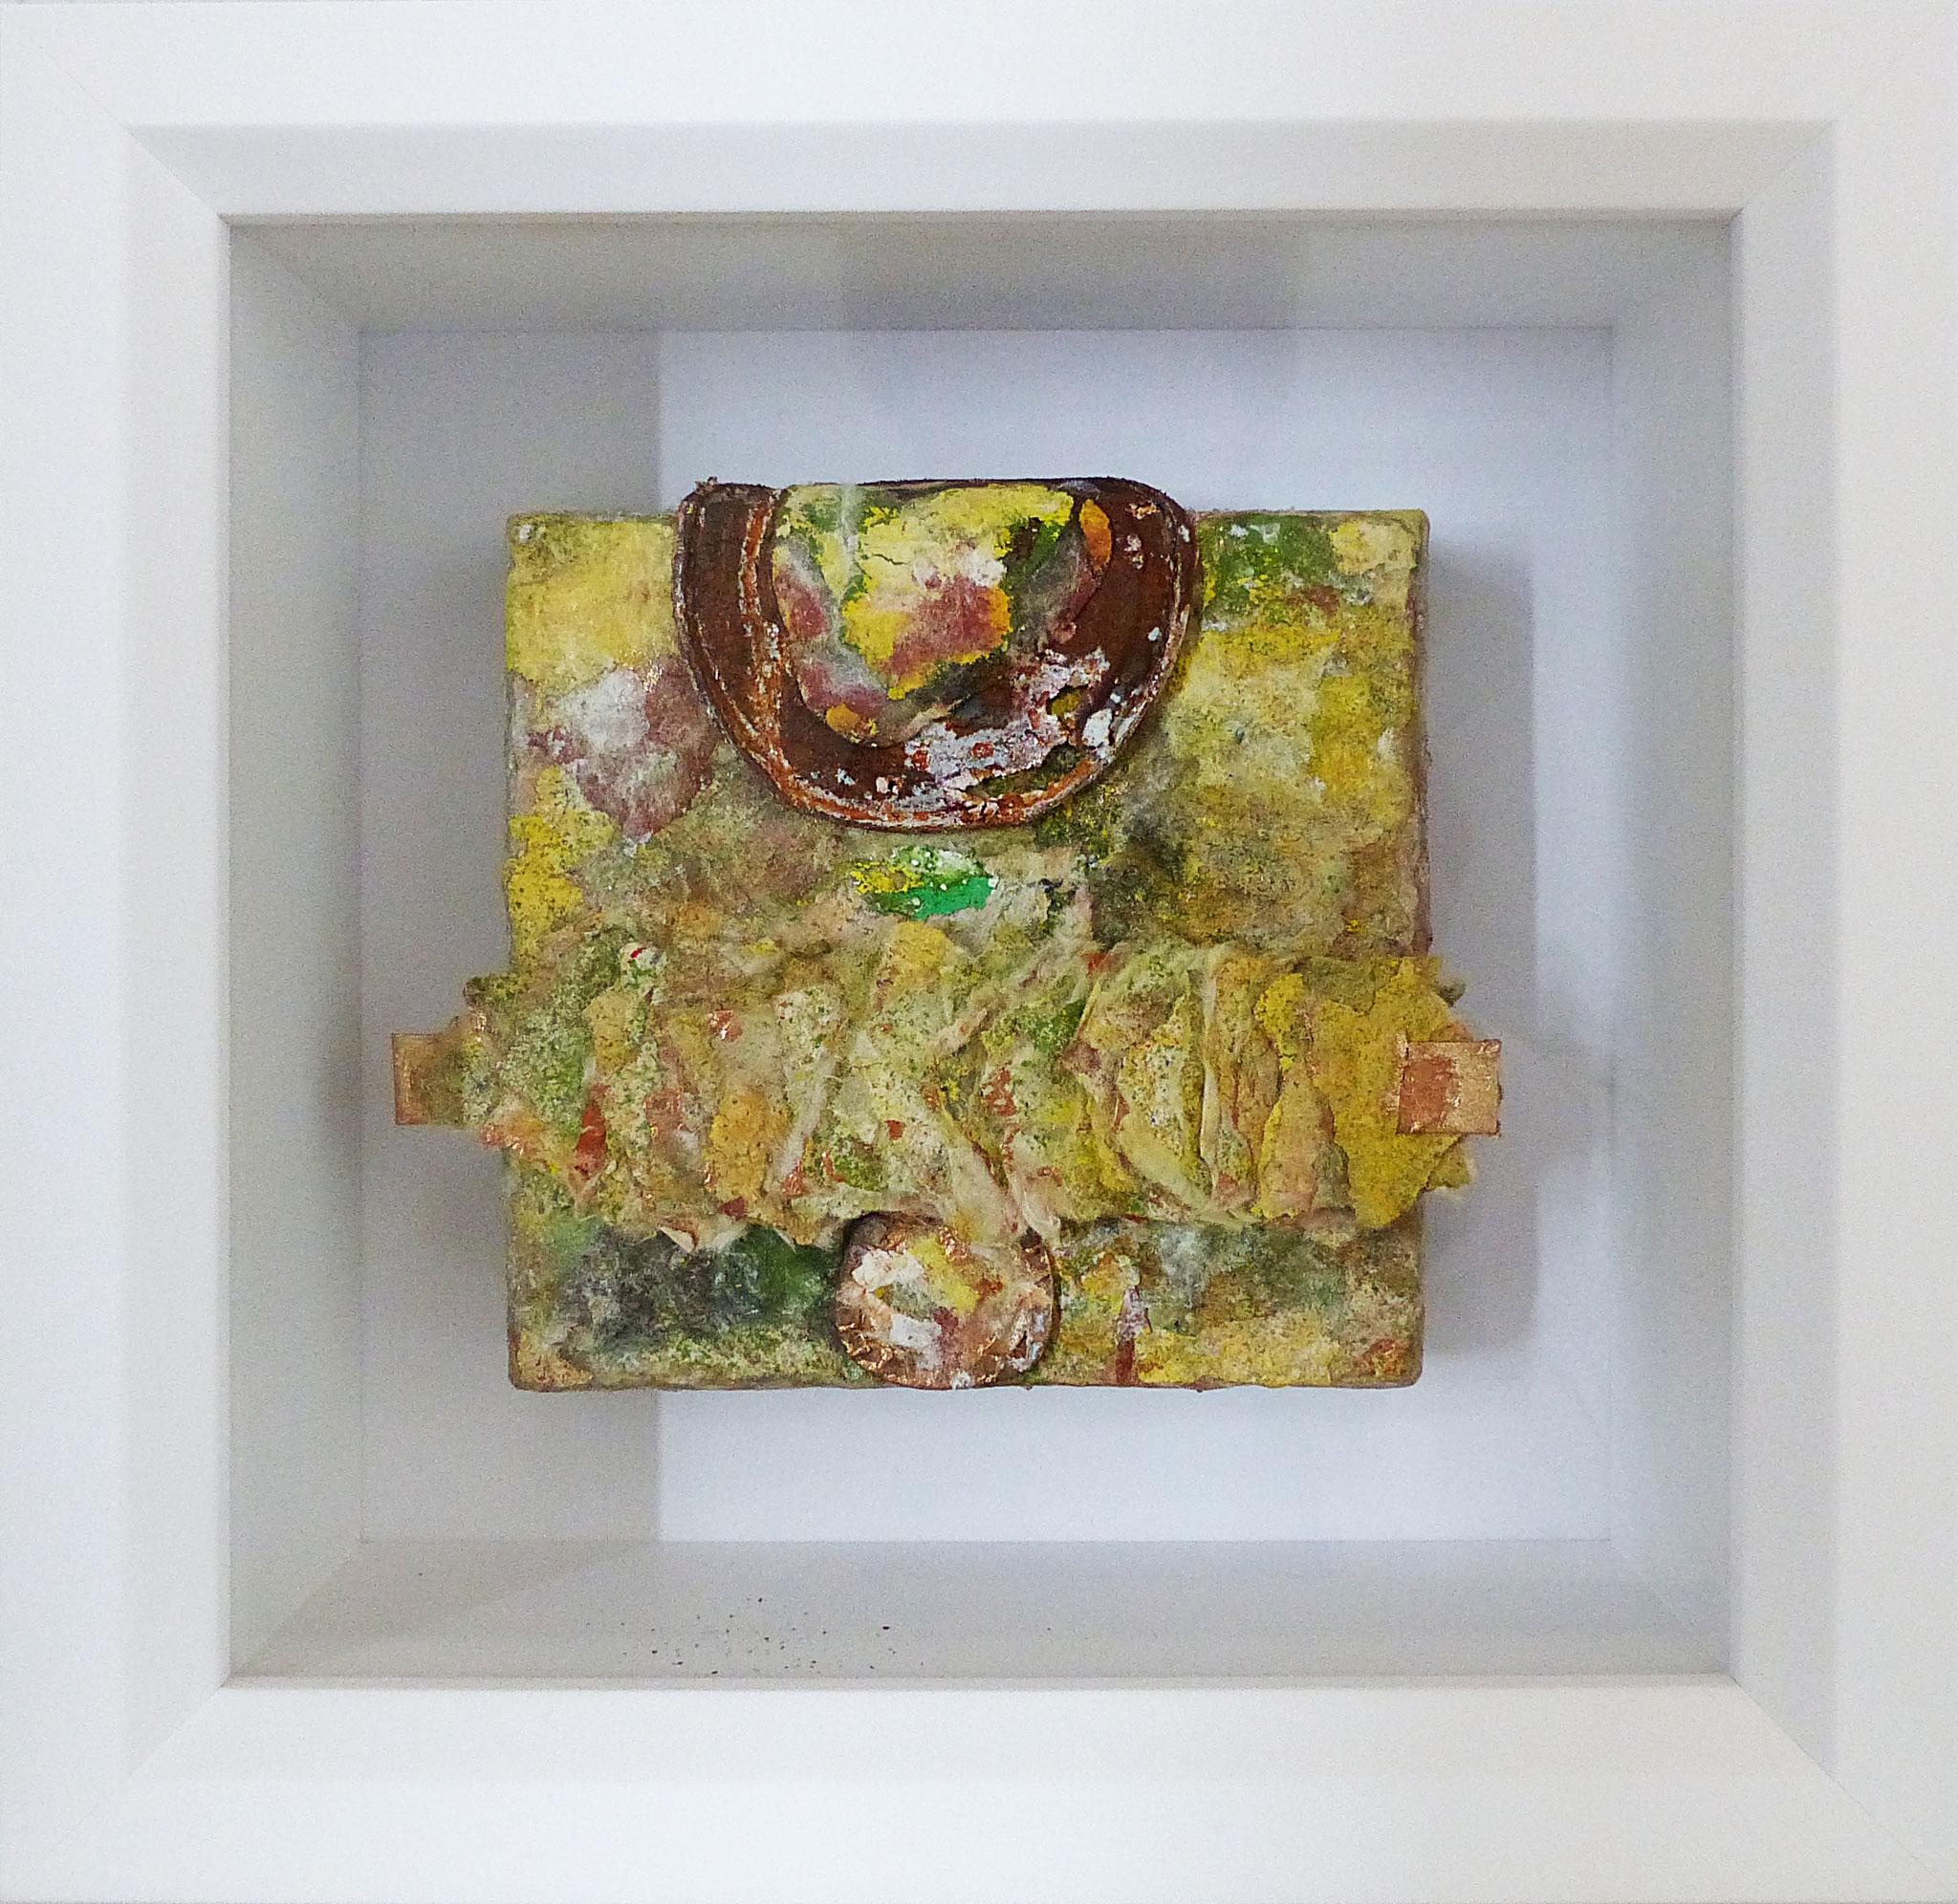 Blätterwald, 2018, 20x20cm im Objektrahmen, verkauft